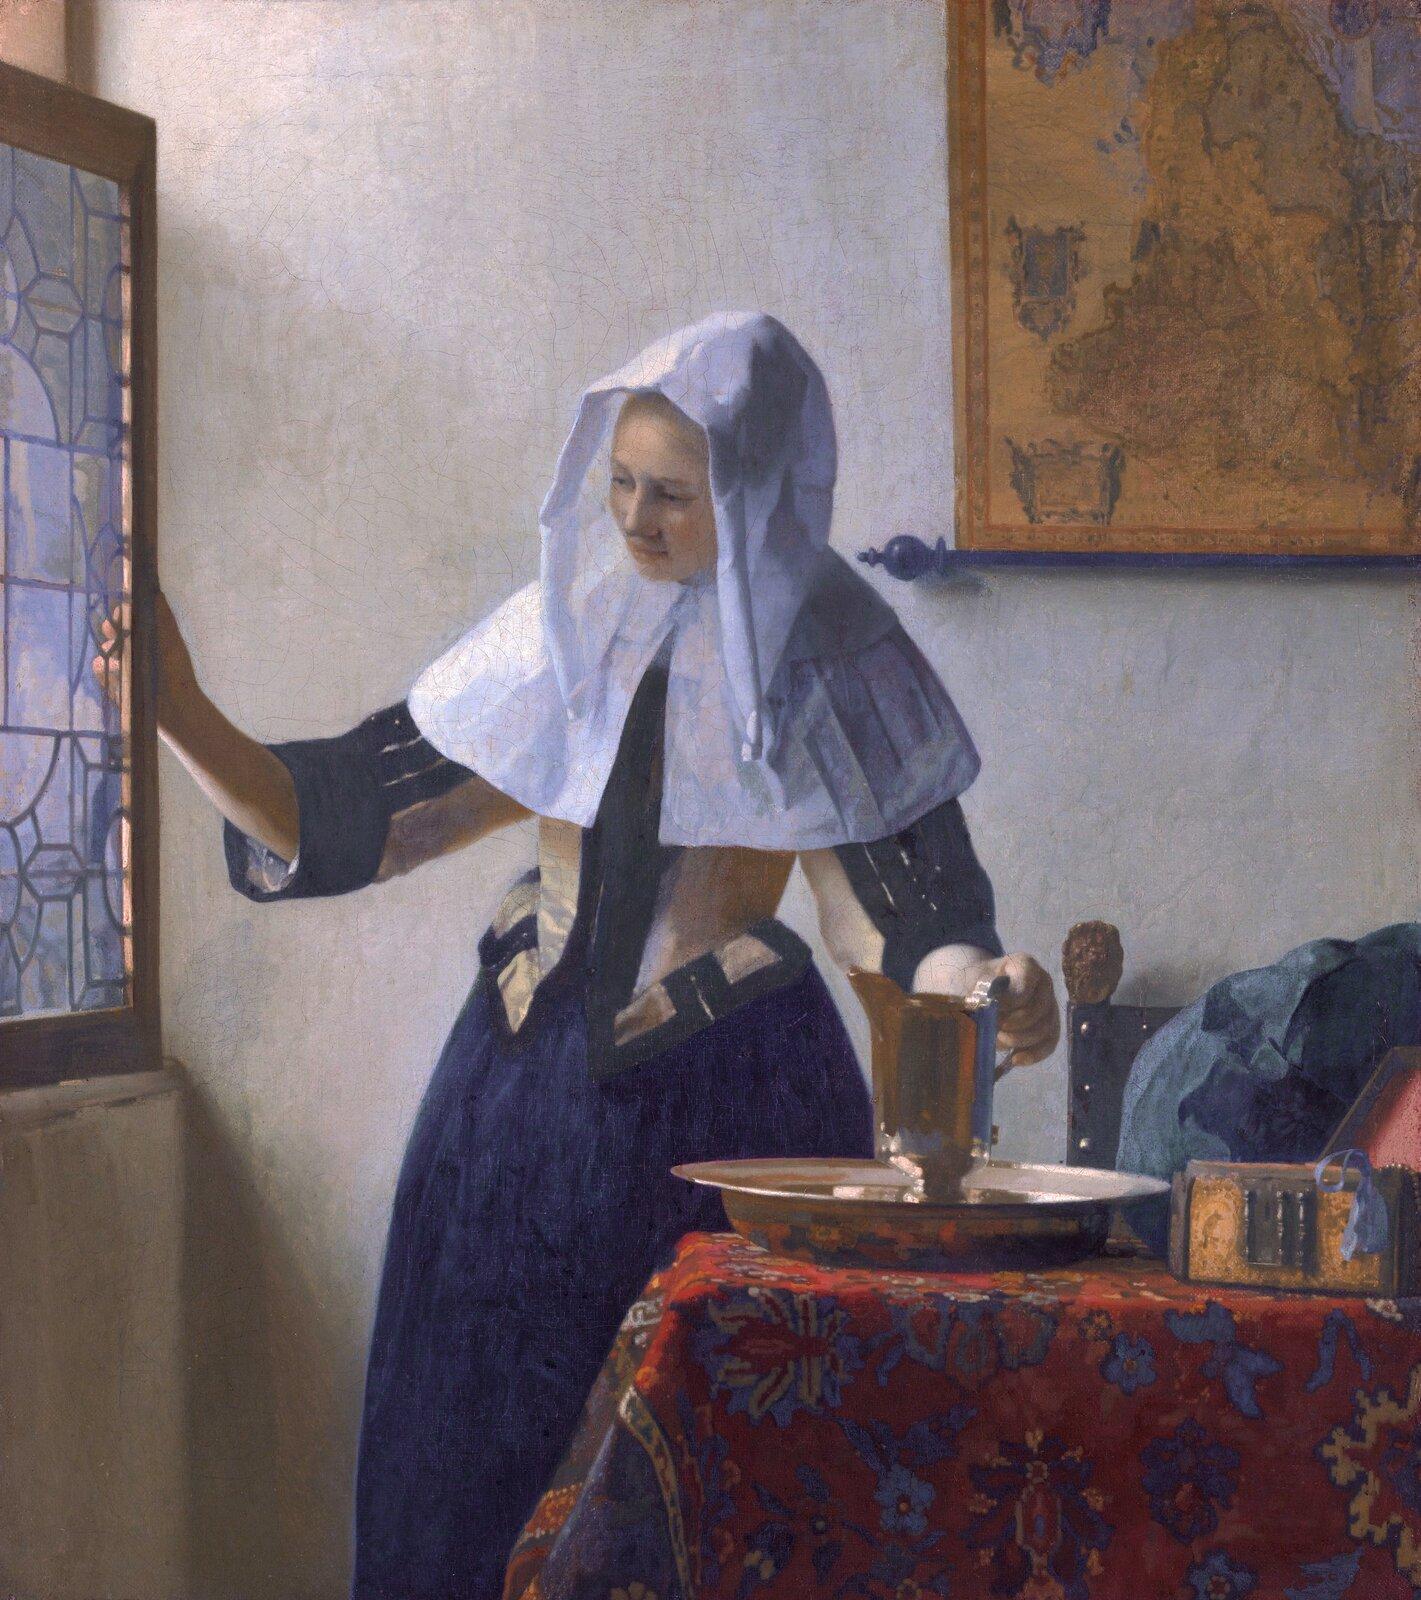 Młoda kobieta zdzbanem wody Źródło: Johannes Vermeer, Młoda kobieta zdzbanem wody, 1662-1665, olej na płótnie, Metropolitan Museum of Art, domena publiczna.